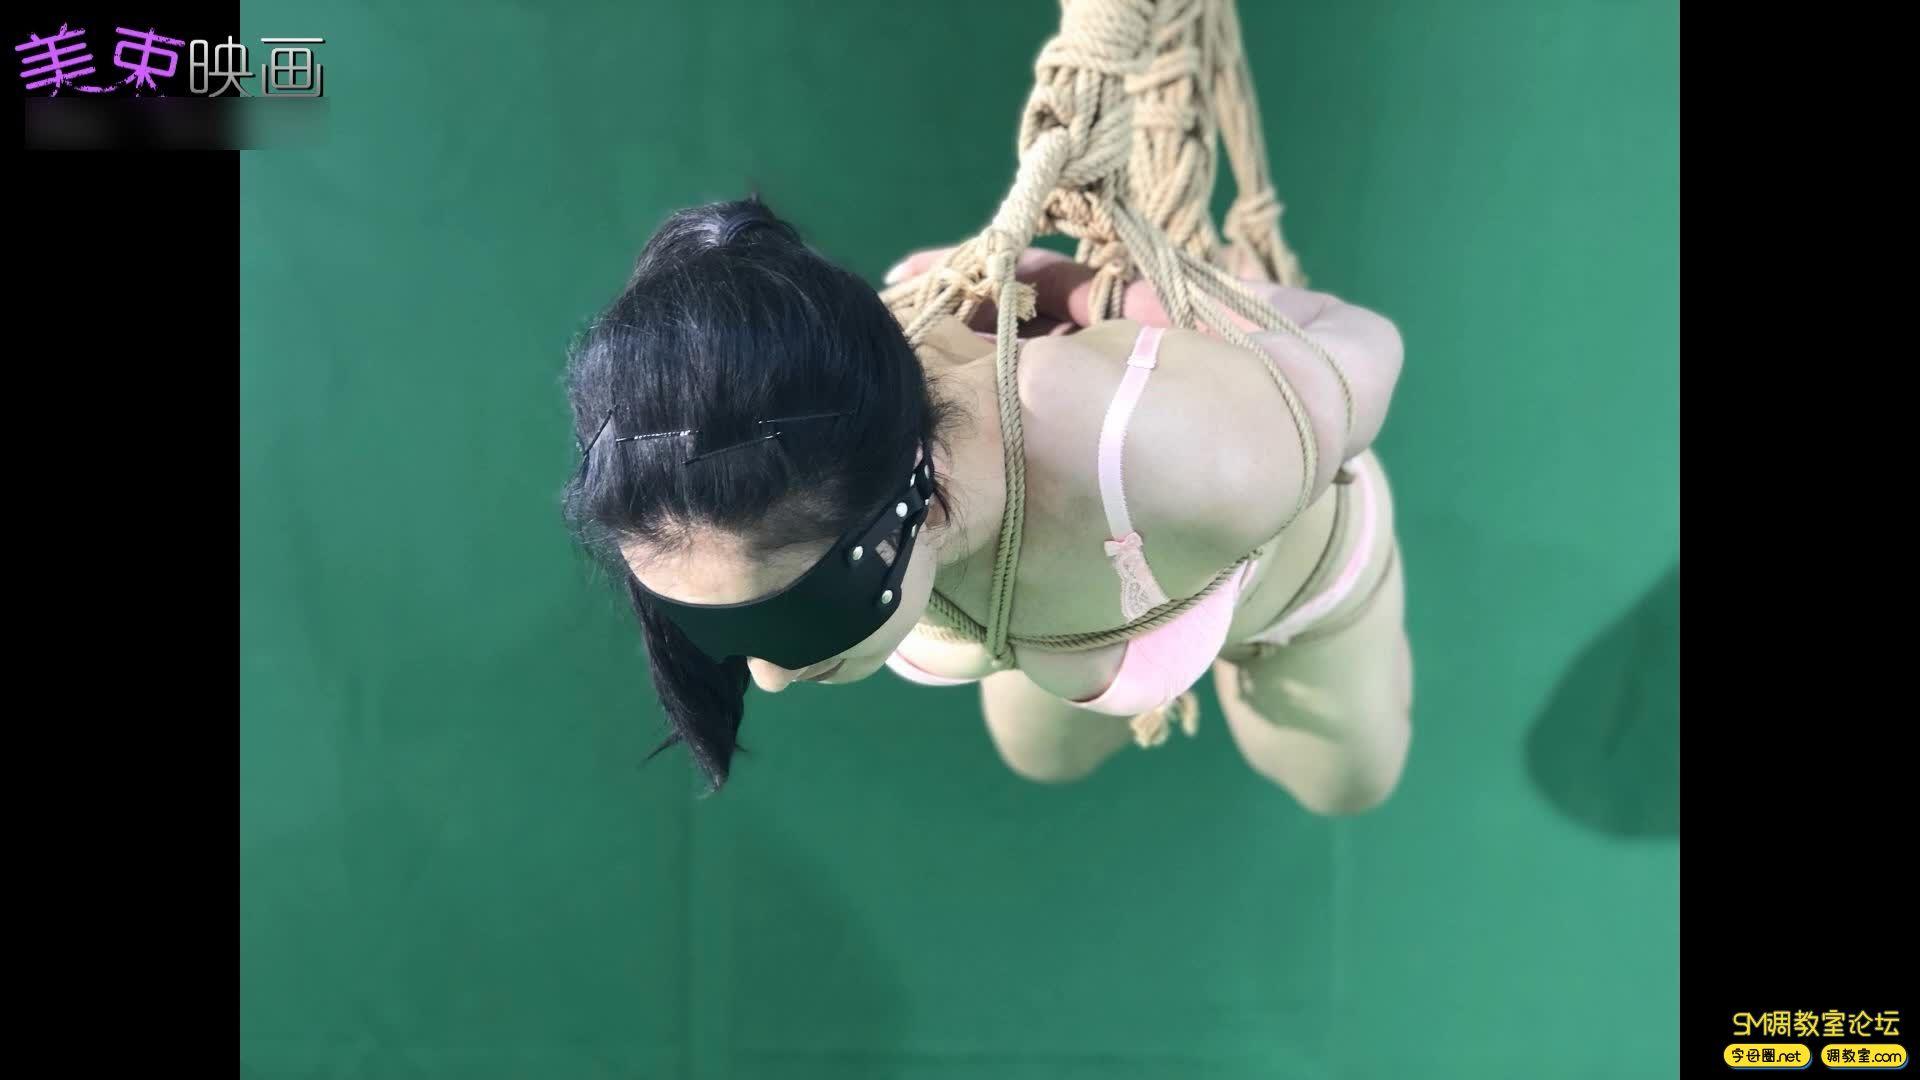 美束映画_00后嫩模再试绳艺  小萝莉的内衣吊缚 欧式驷马-视频截图1